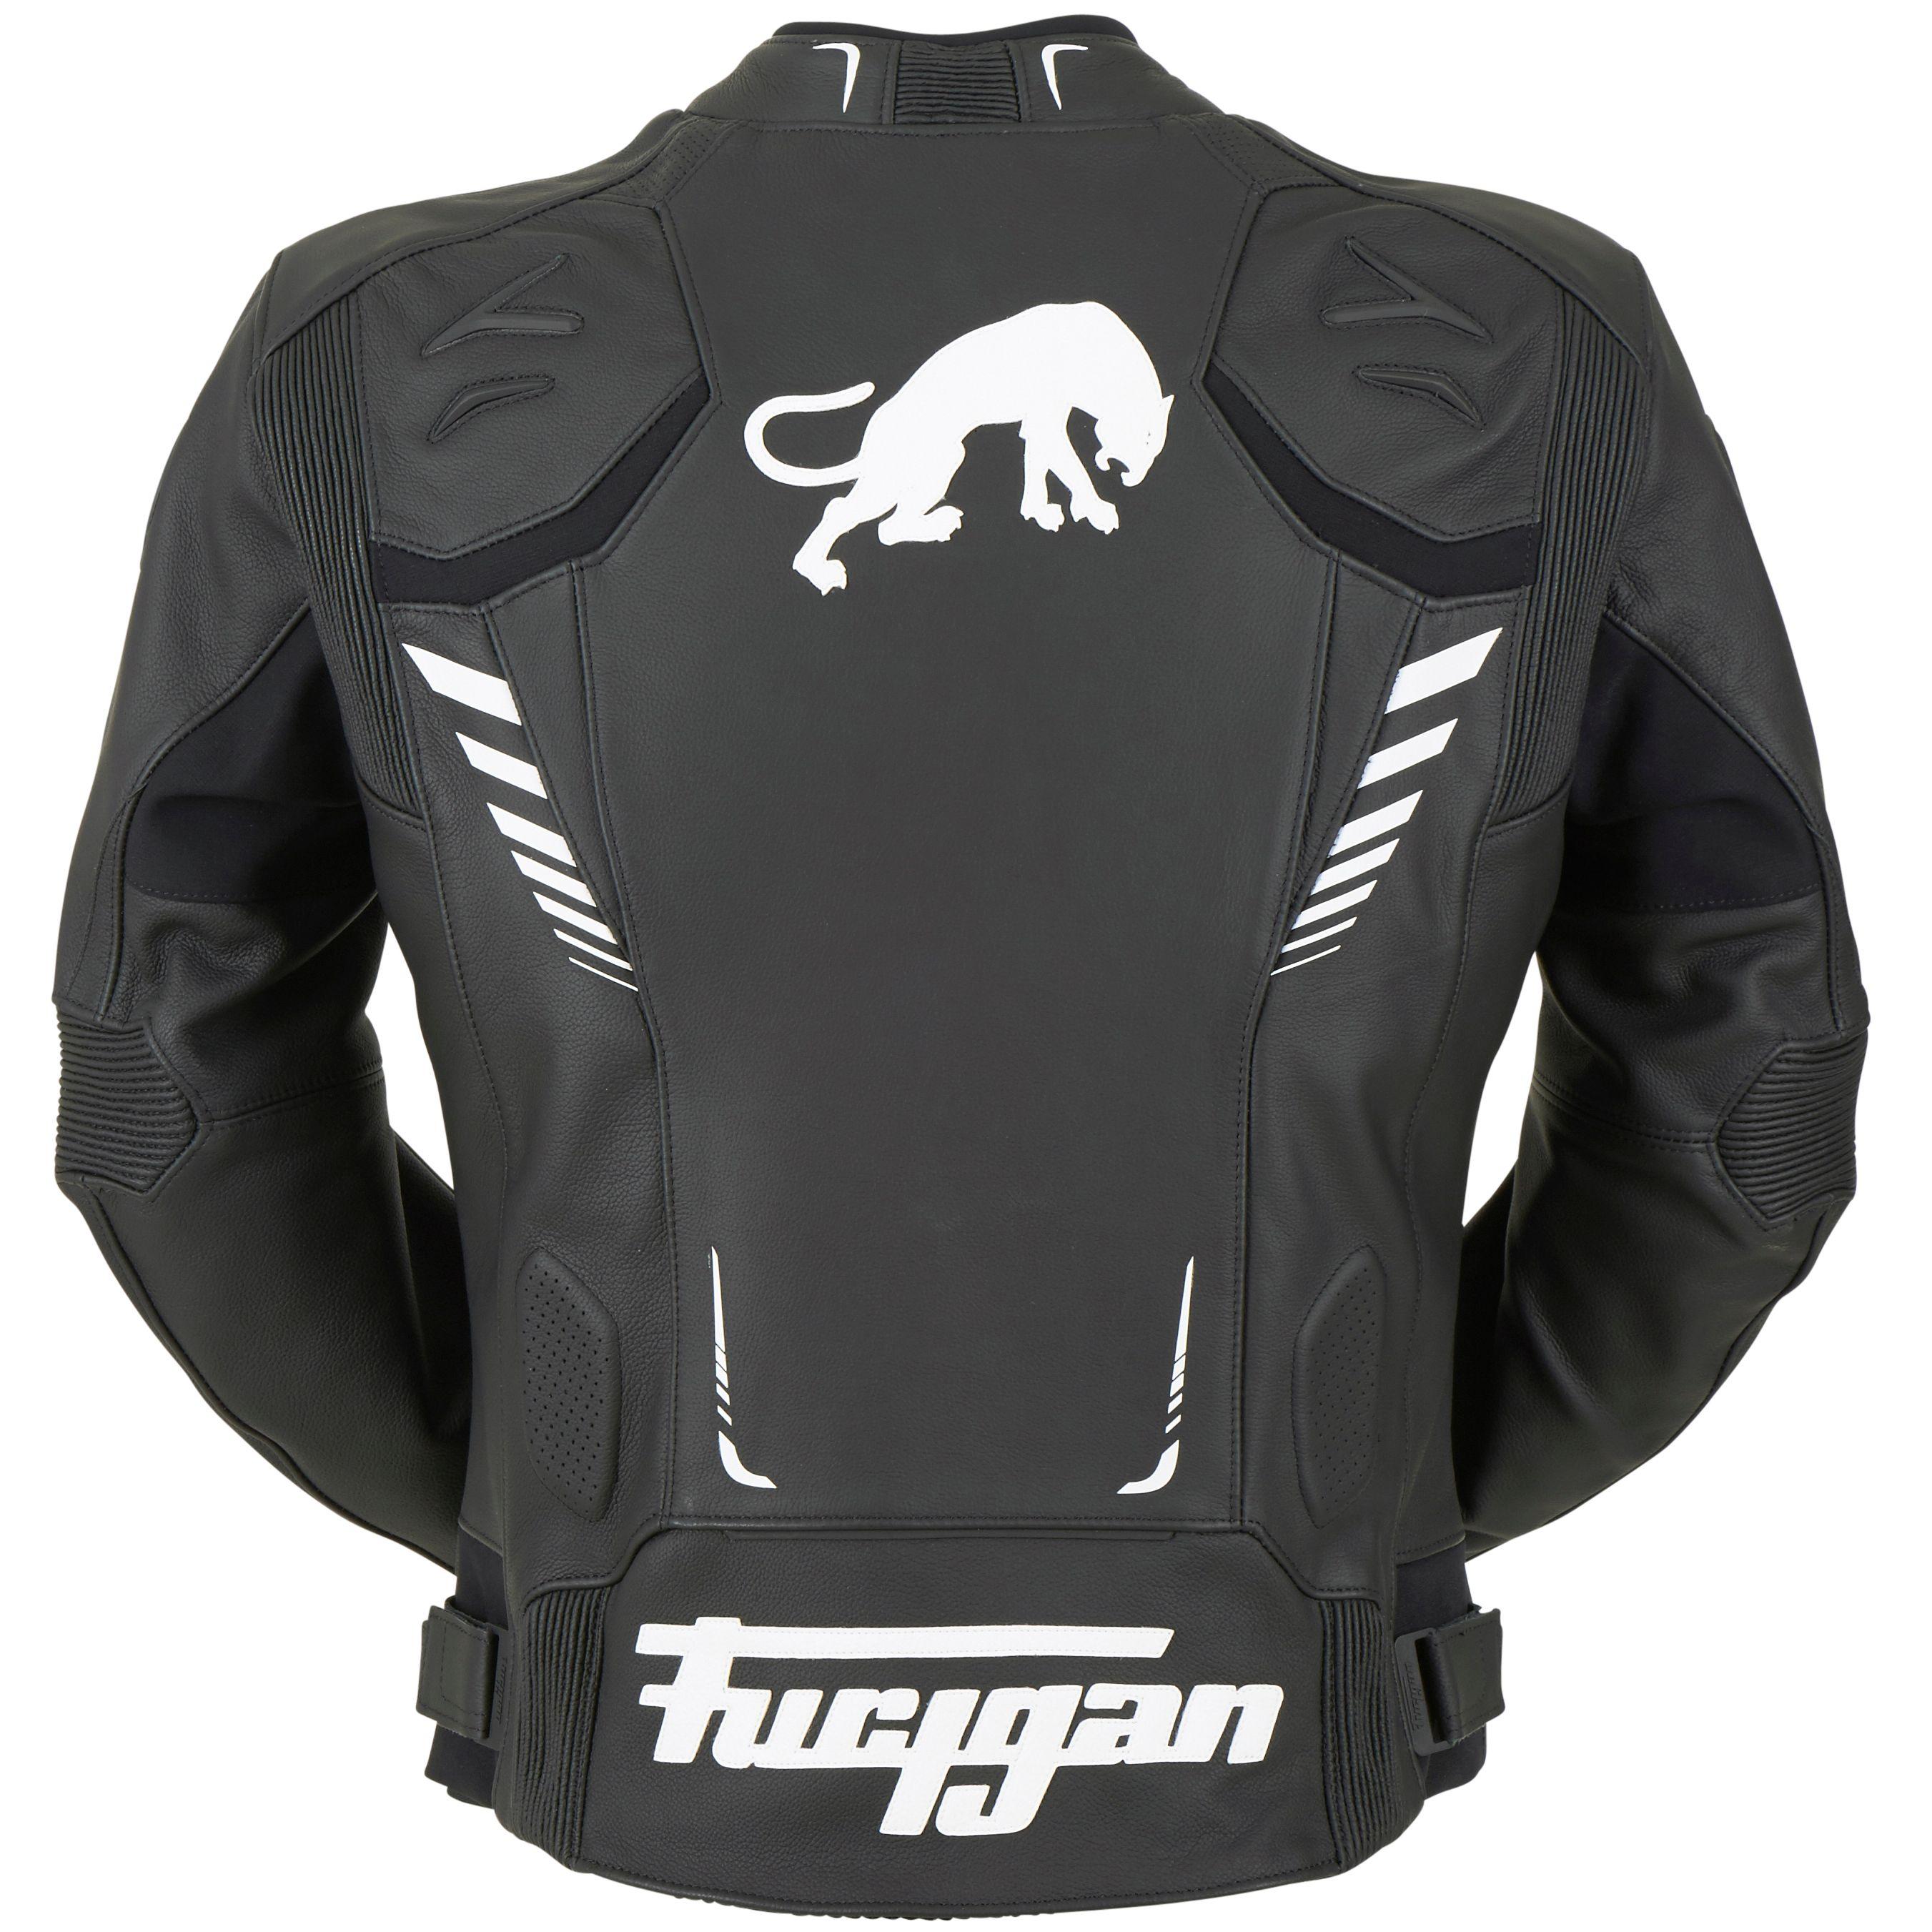 Cazadoras Track Motoblouz Moto Furygan es Y Chaquetas qqnHPr0